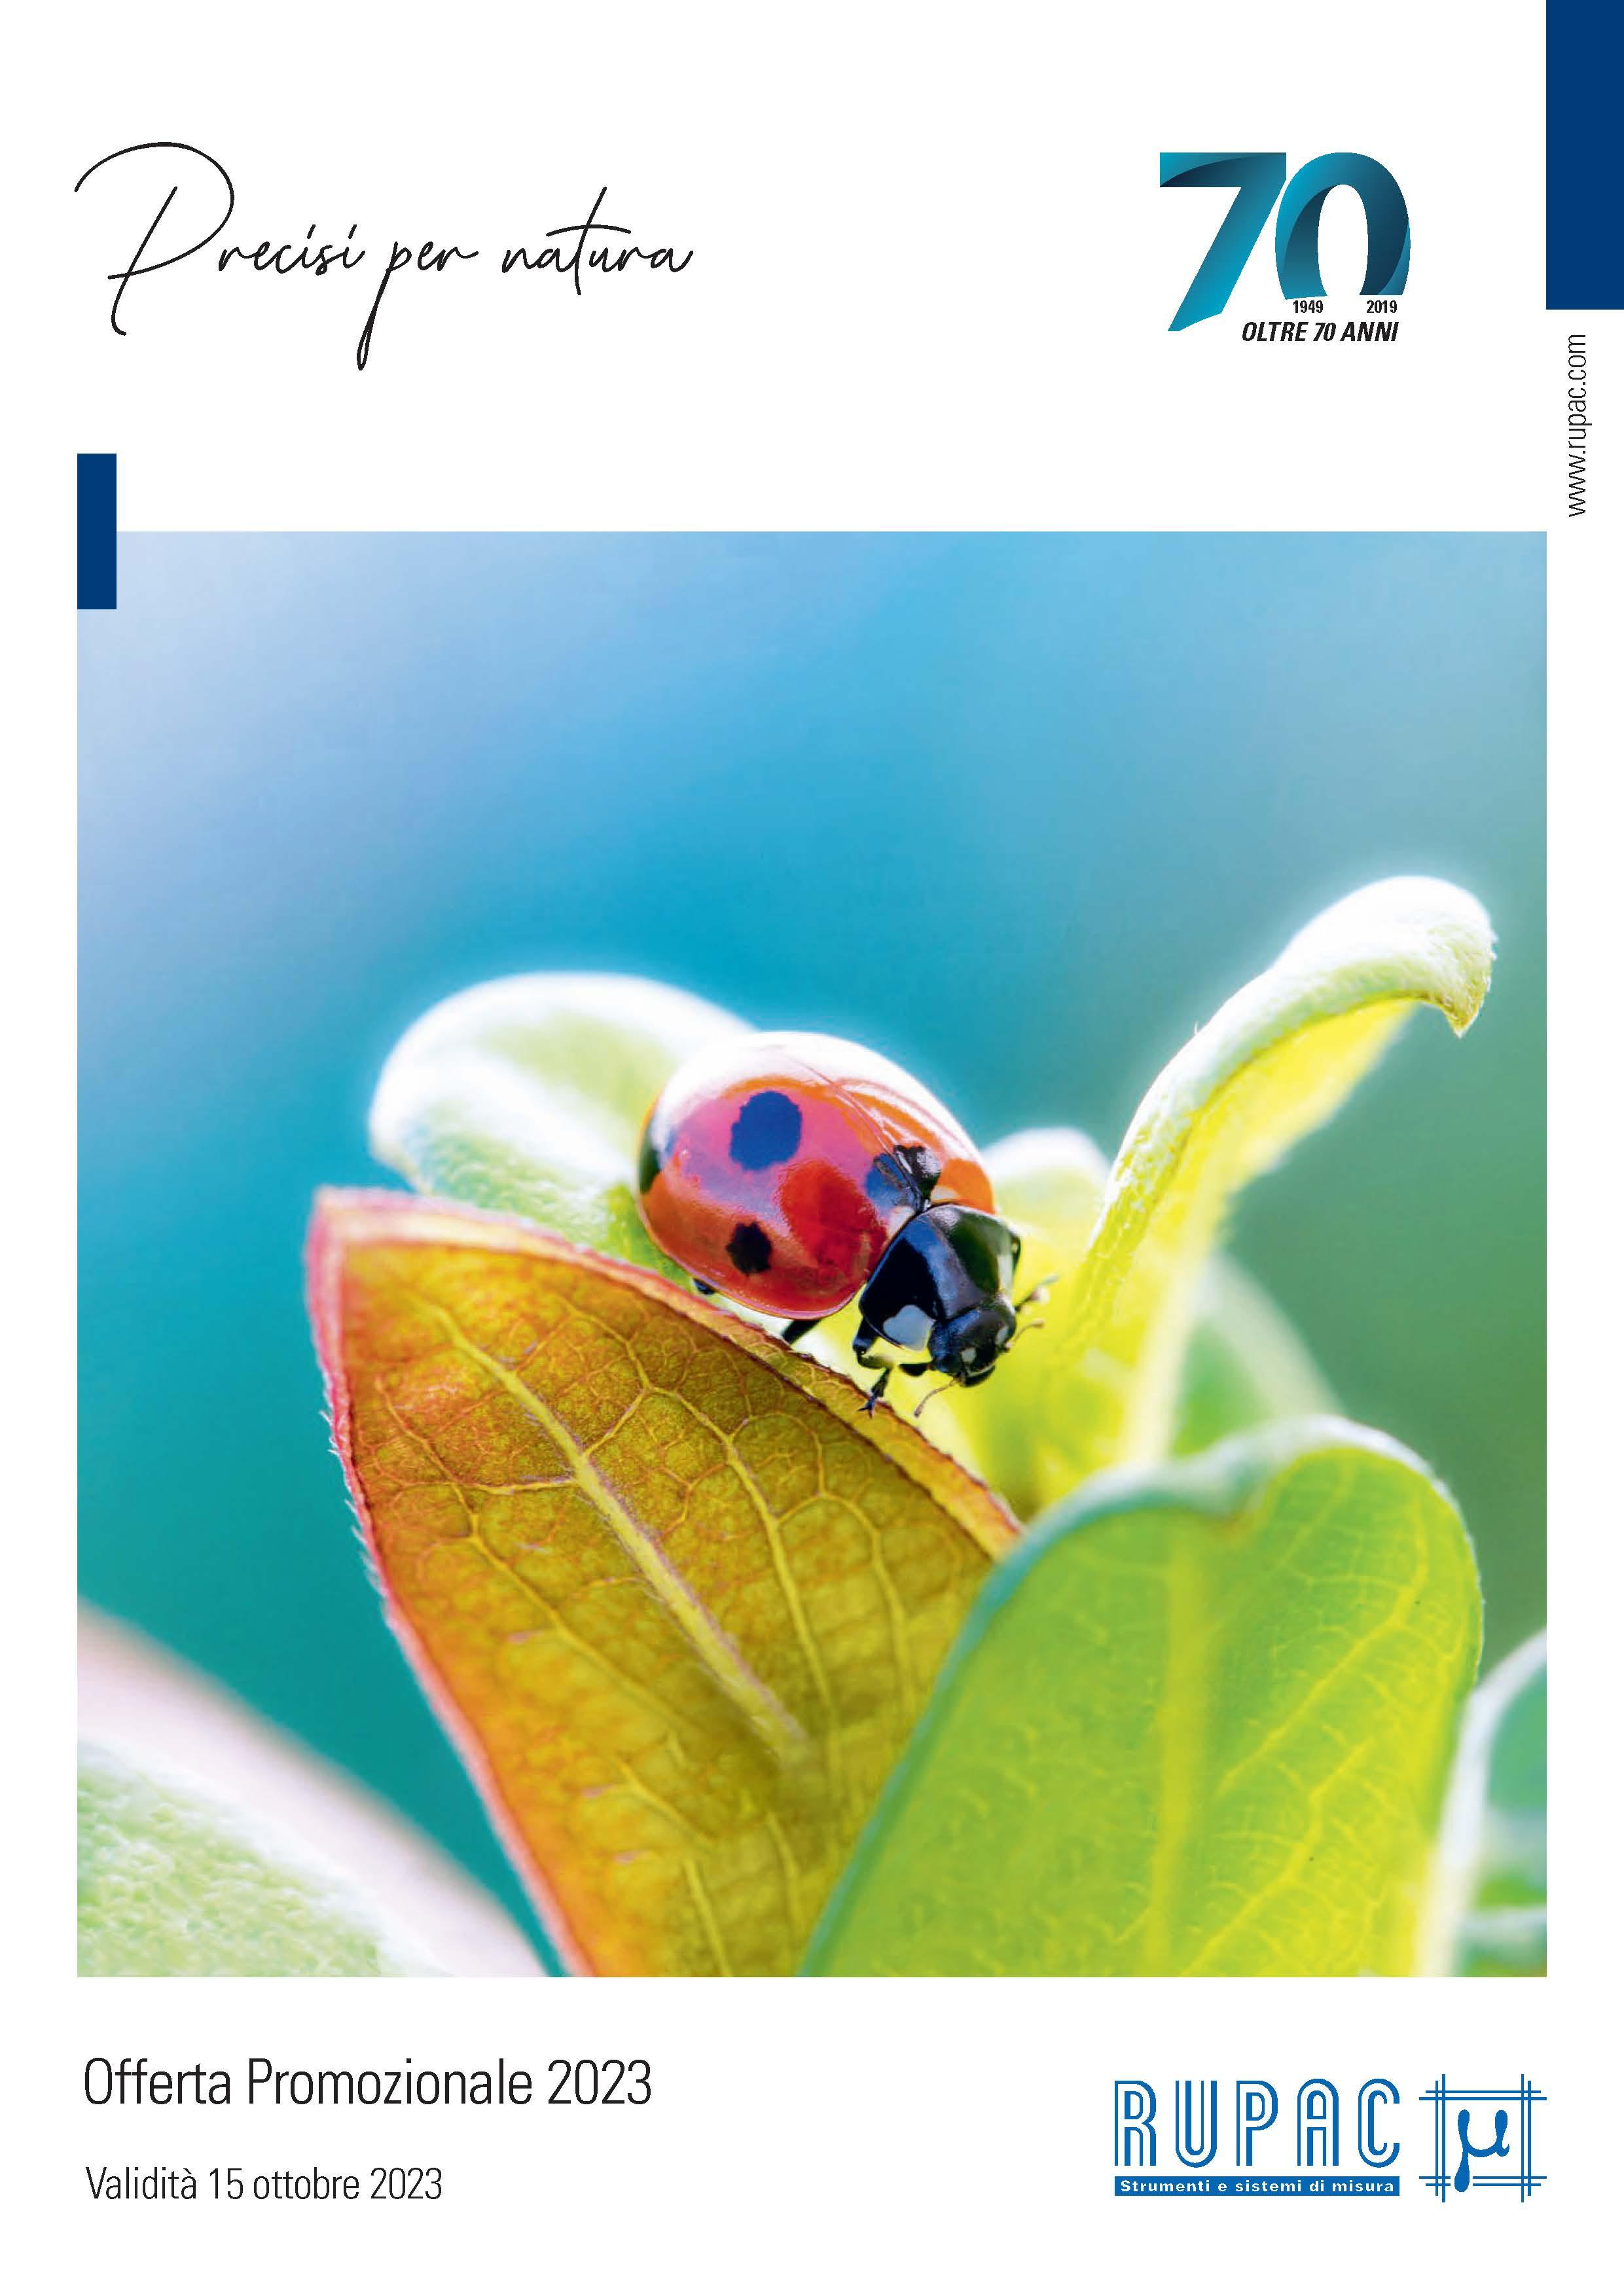 opuscolo promozionale